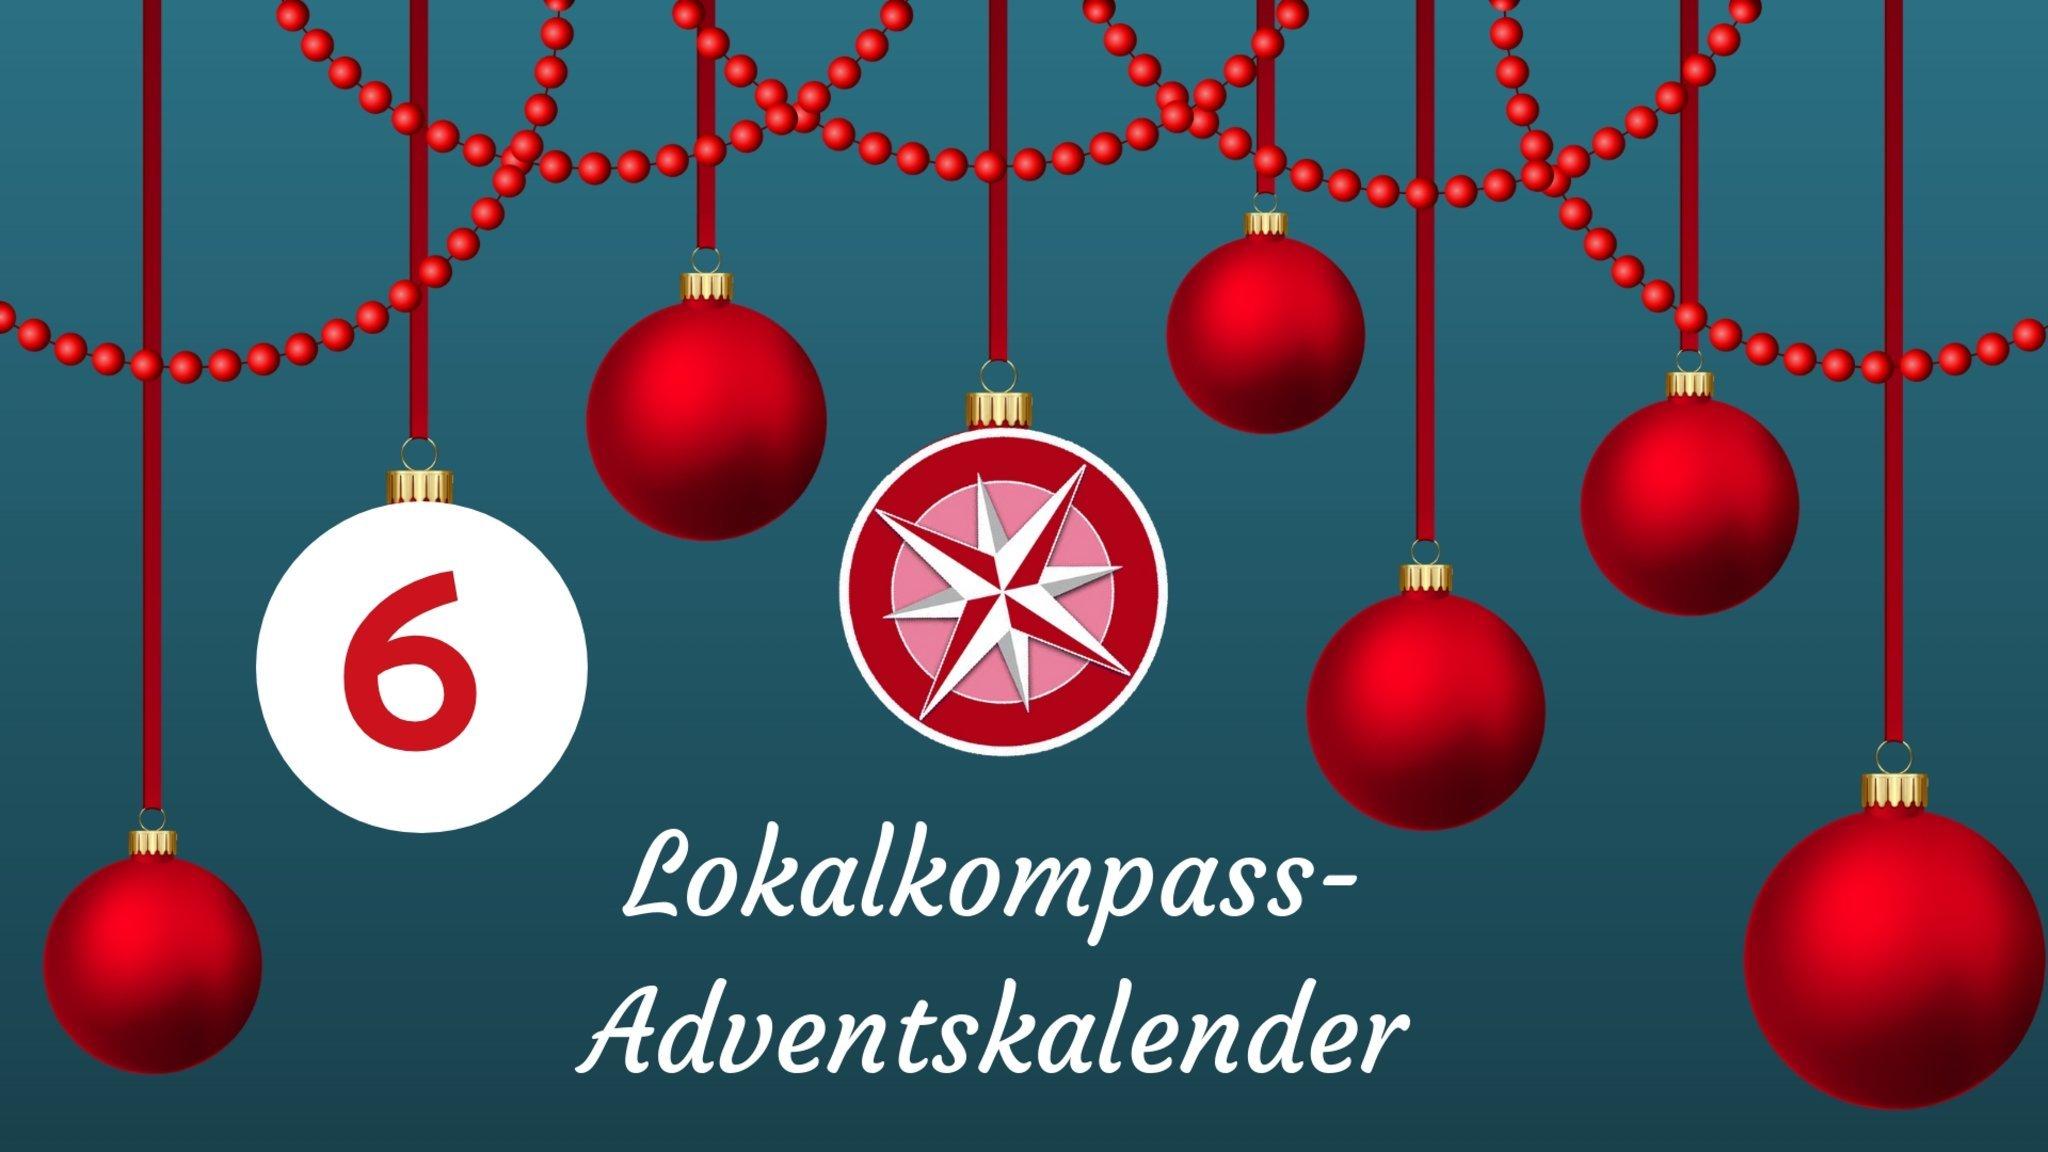 Lokalkompass-Adventskalender 2018: Weihnachten im Zirkus - 2x2 ...